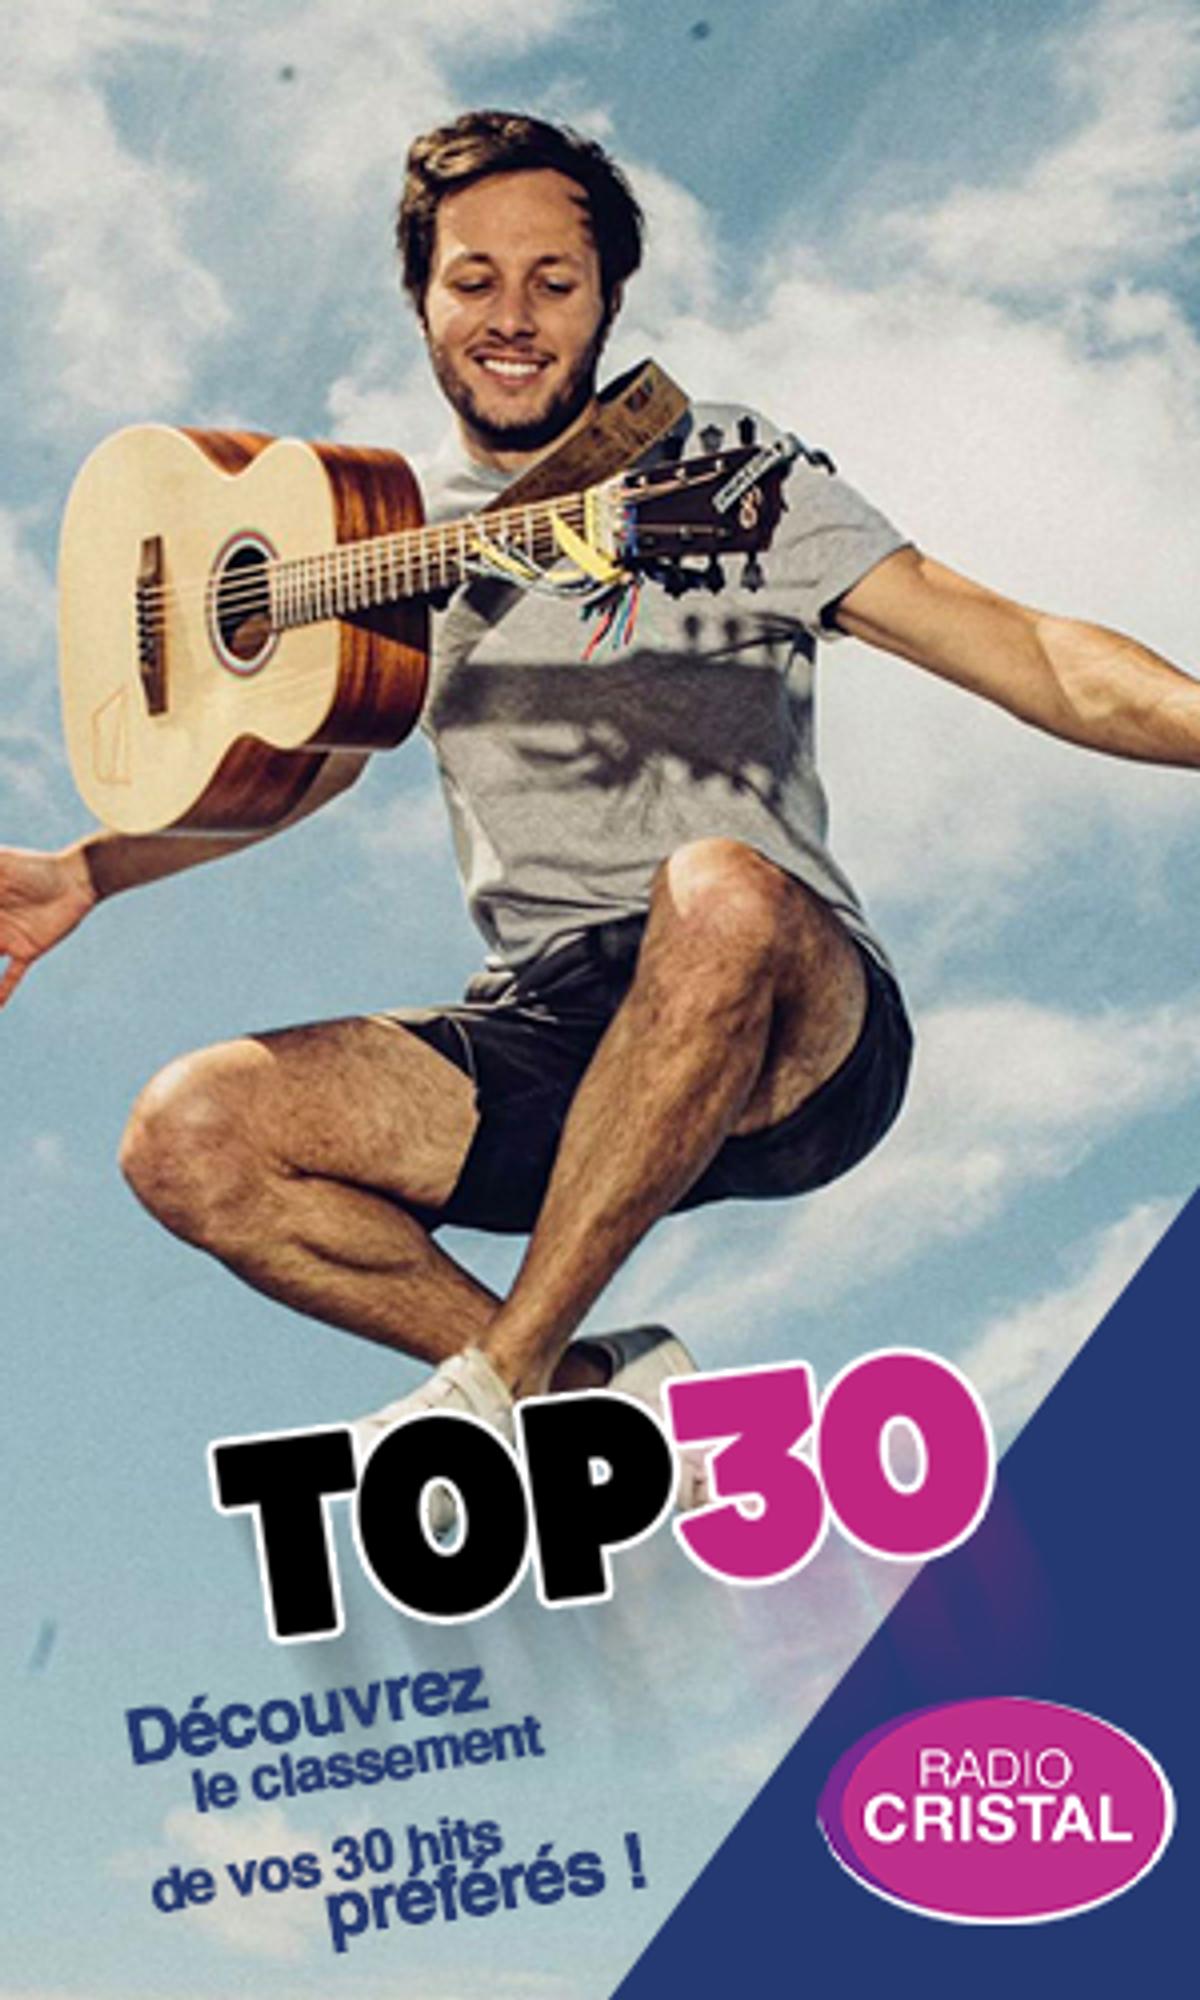 Pub - Top 30 CRISTAL home